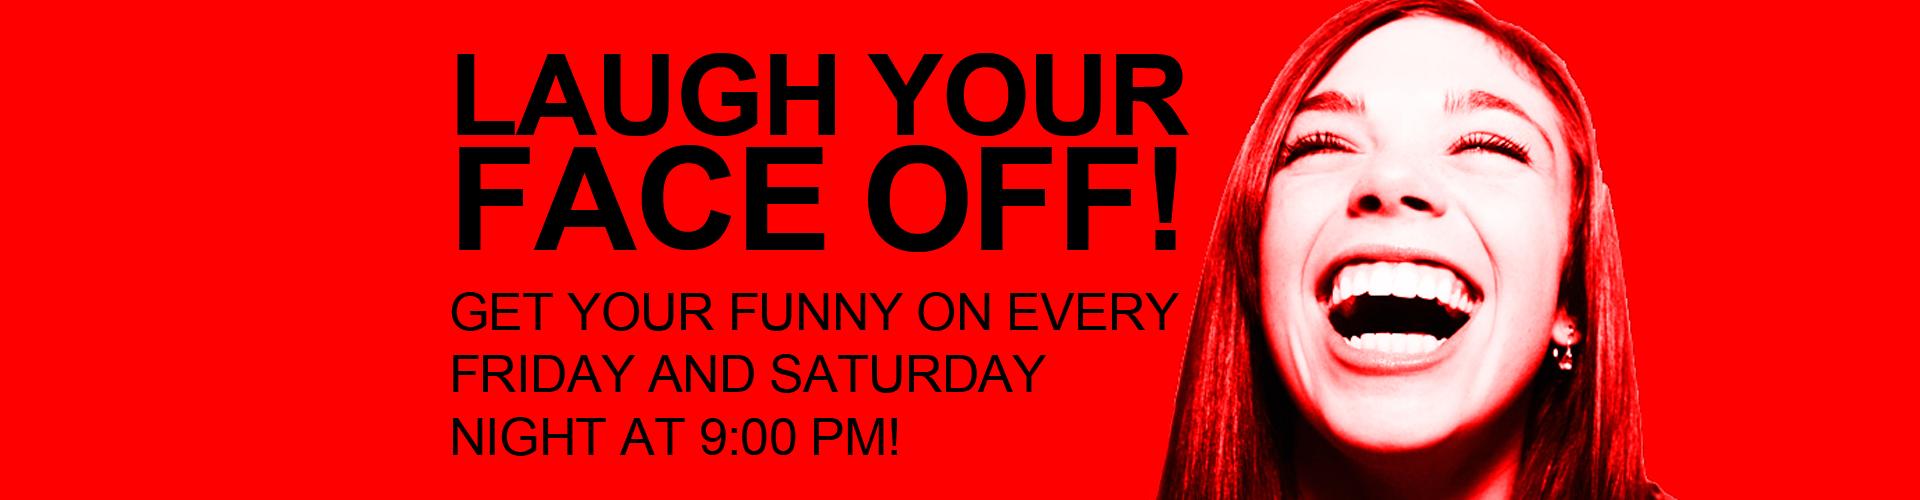 Improv Comedy Shows South Florida